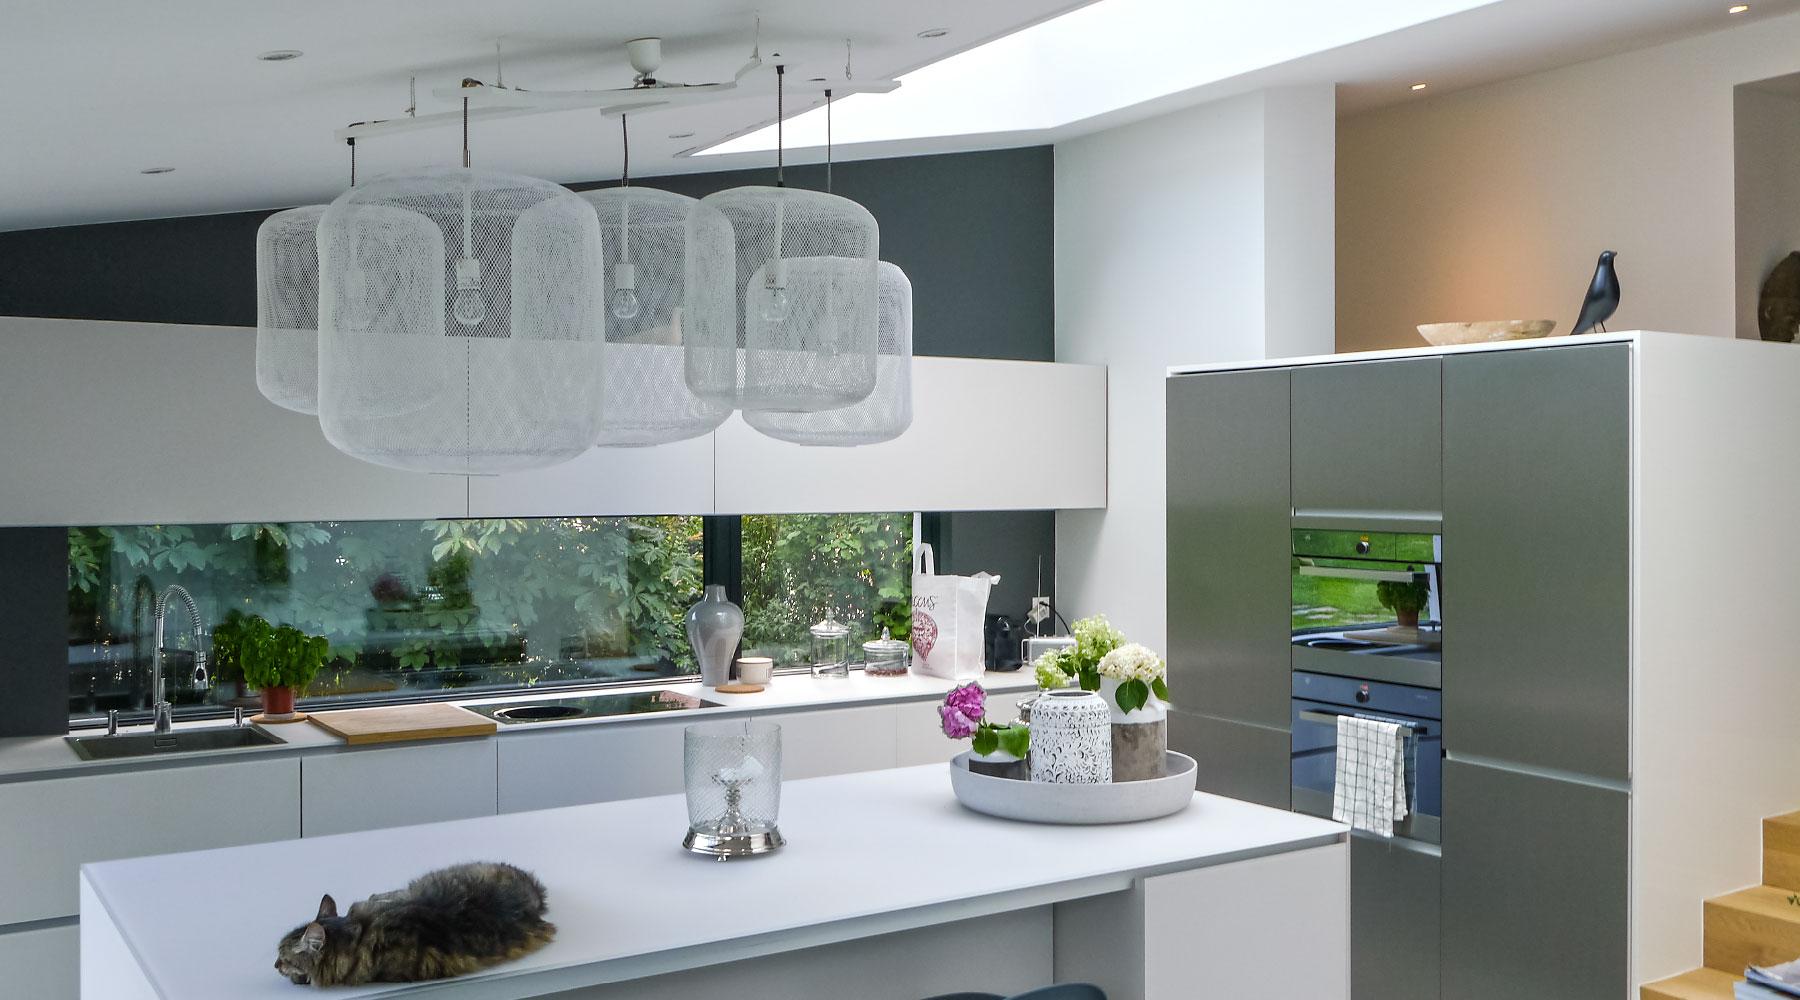 Wintergarten wohnwintergarten wohnraumerweiterungen for Fenetre cuisine moderne